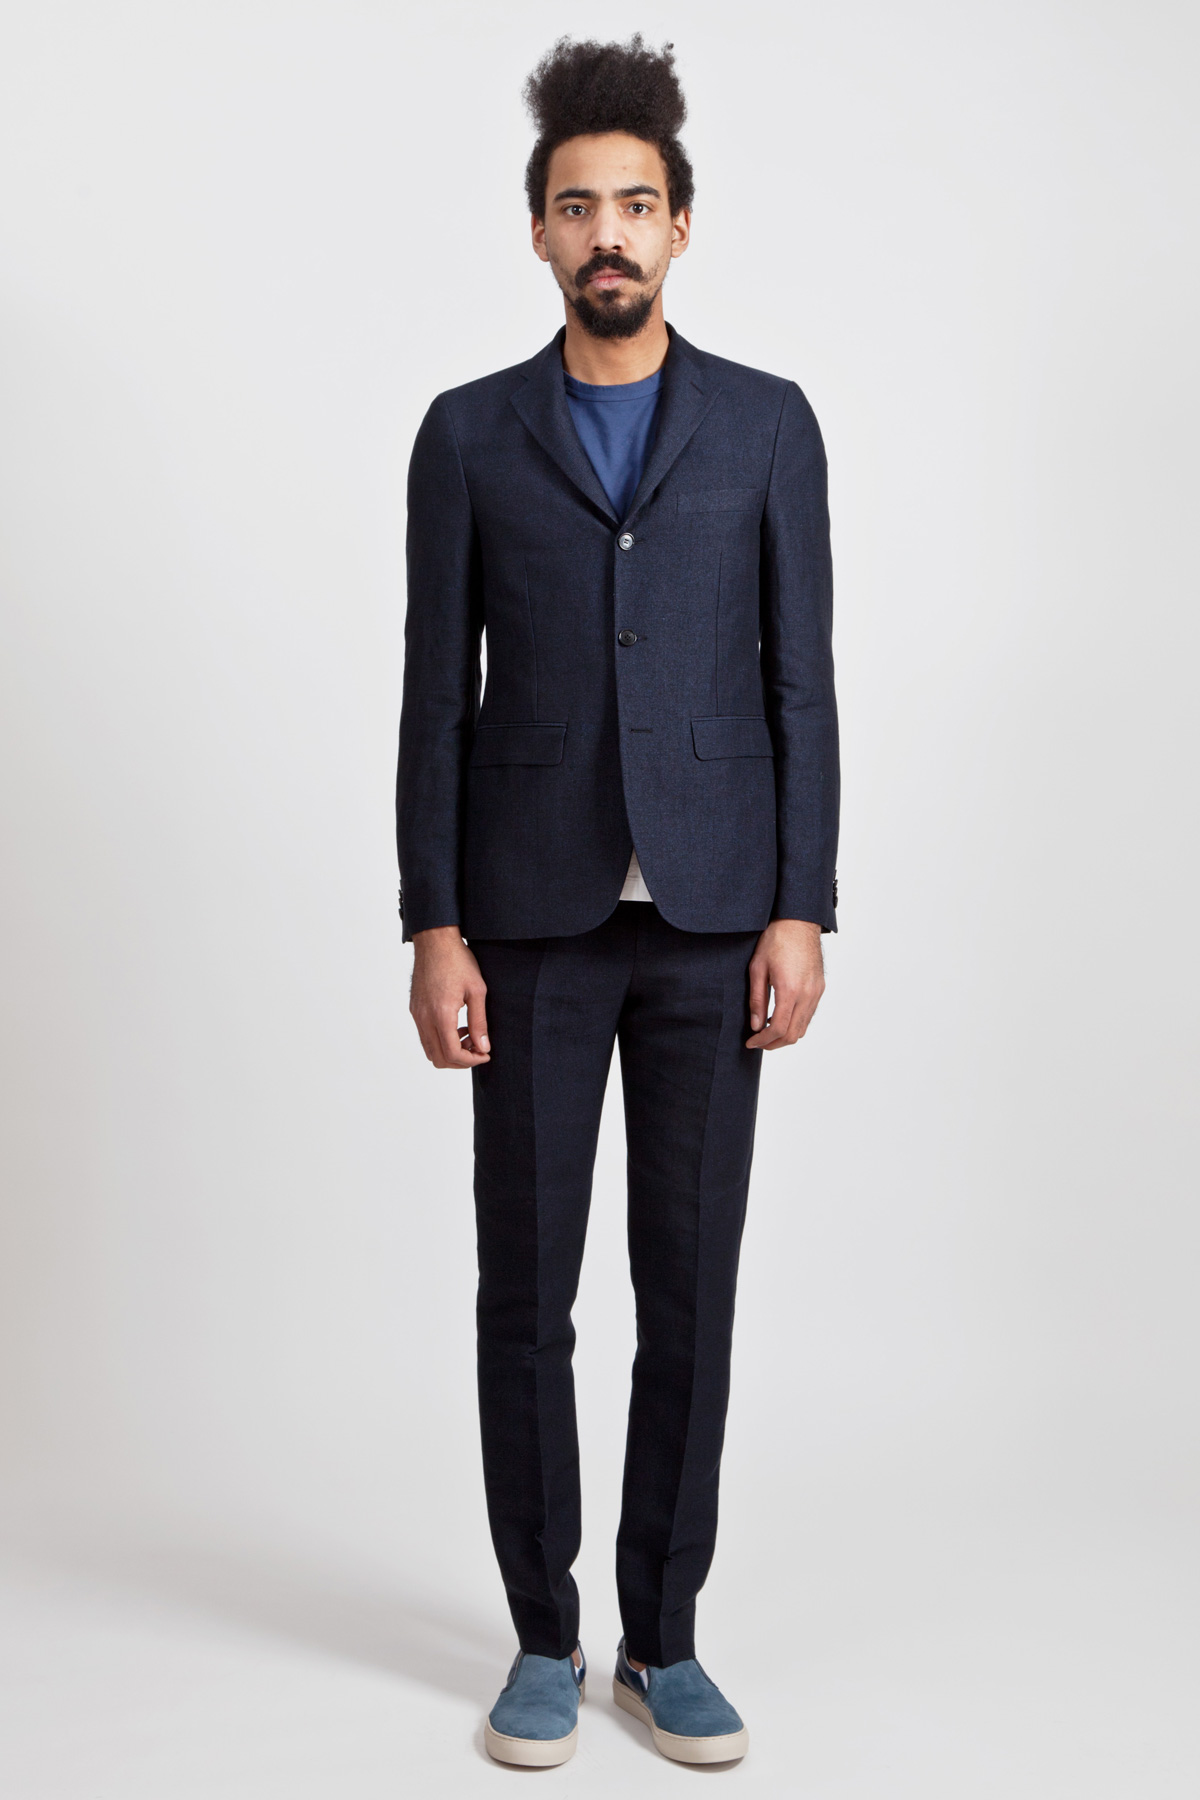 acne-suit-blazer-navy001